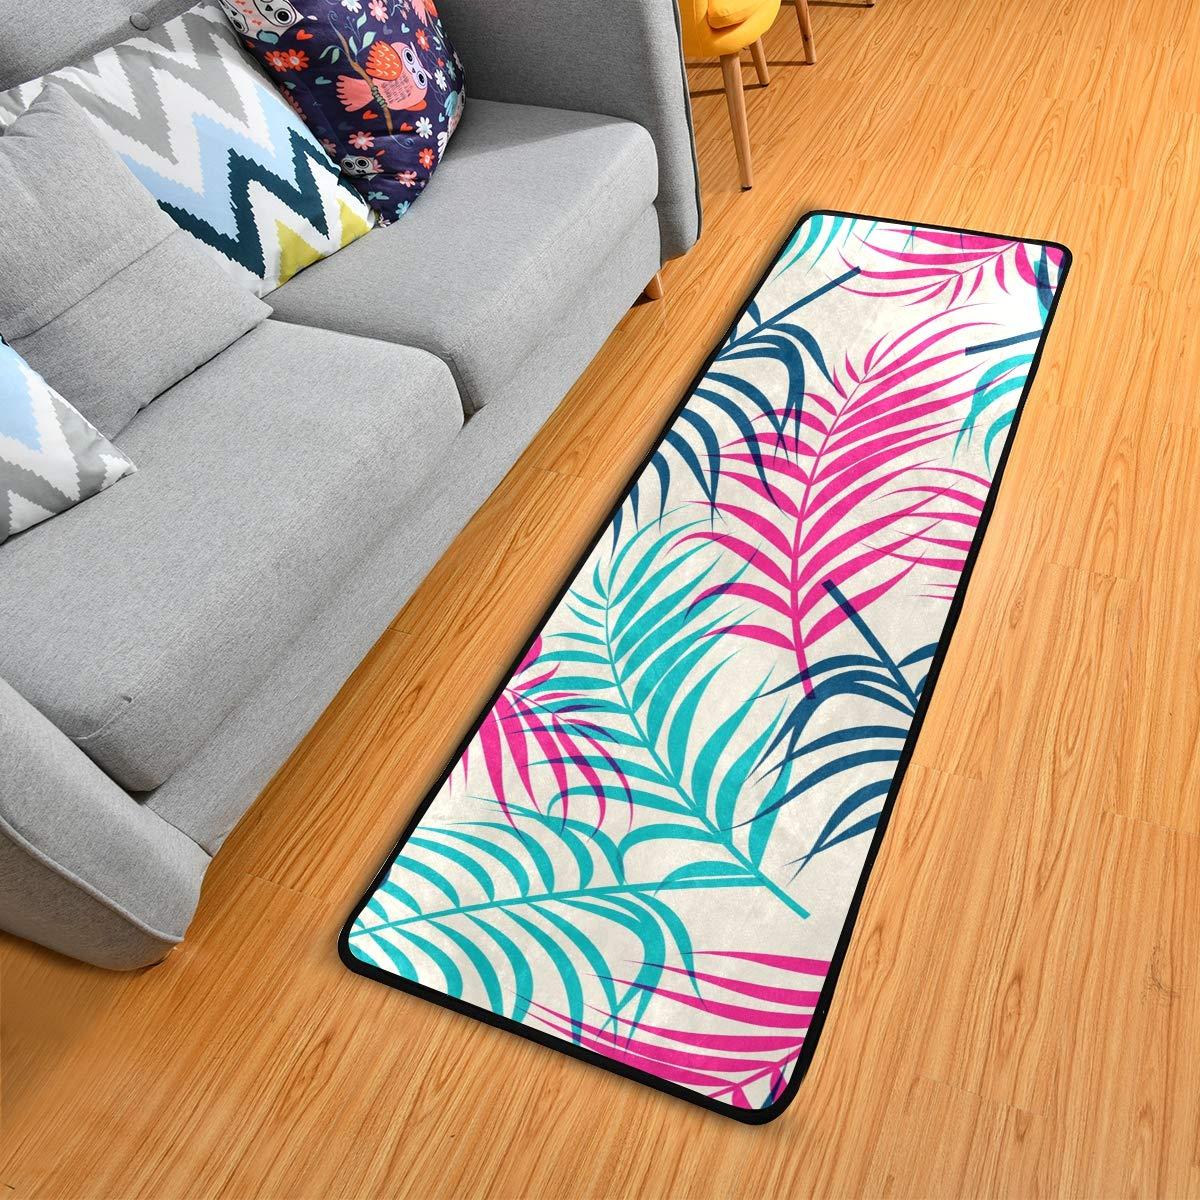 Hallway Runner Rug Rubber Backing - Tropical Summer Palm Leaves Runner Rug for Kitchen Rug Carpet Runner Non Skid Washable Rug Runner 2x6